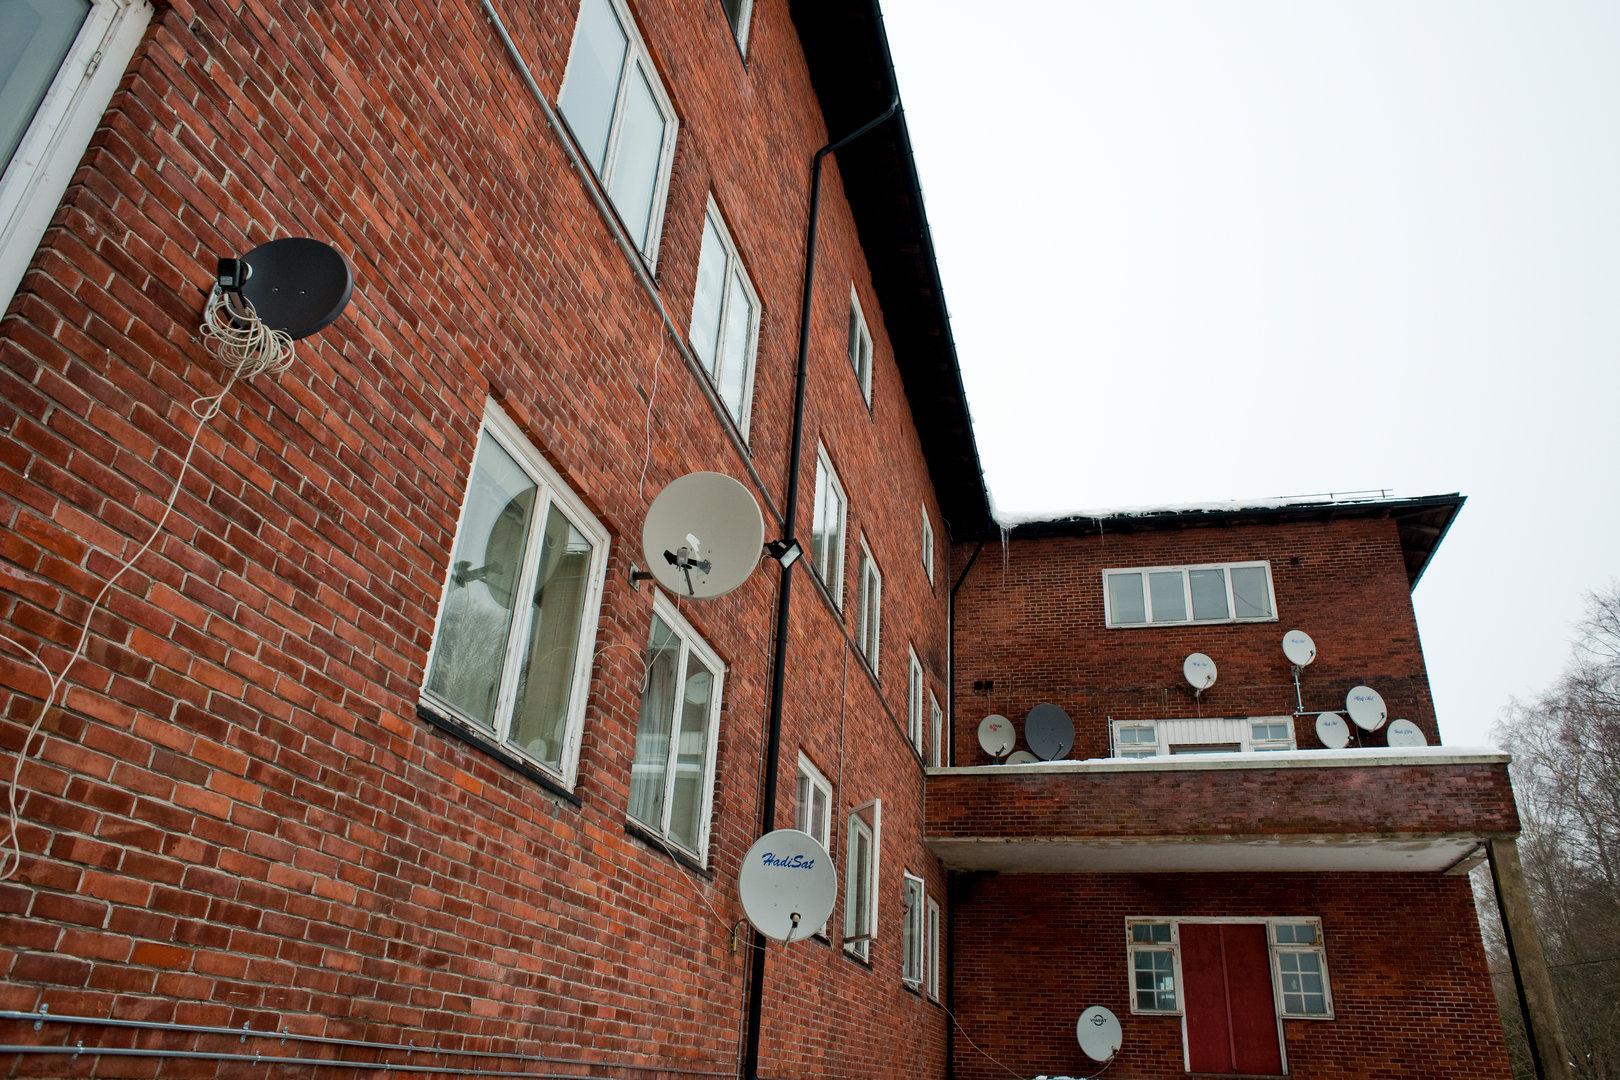 Satellitenschüsseln am Haus